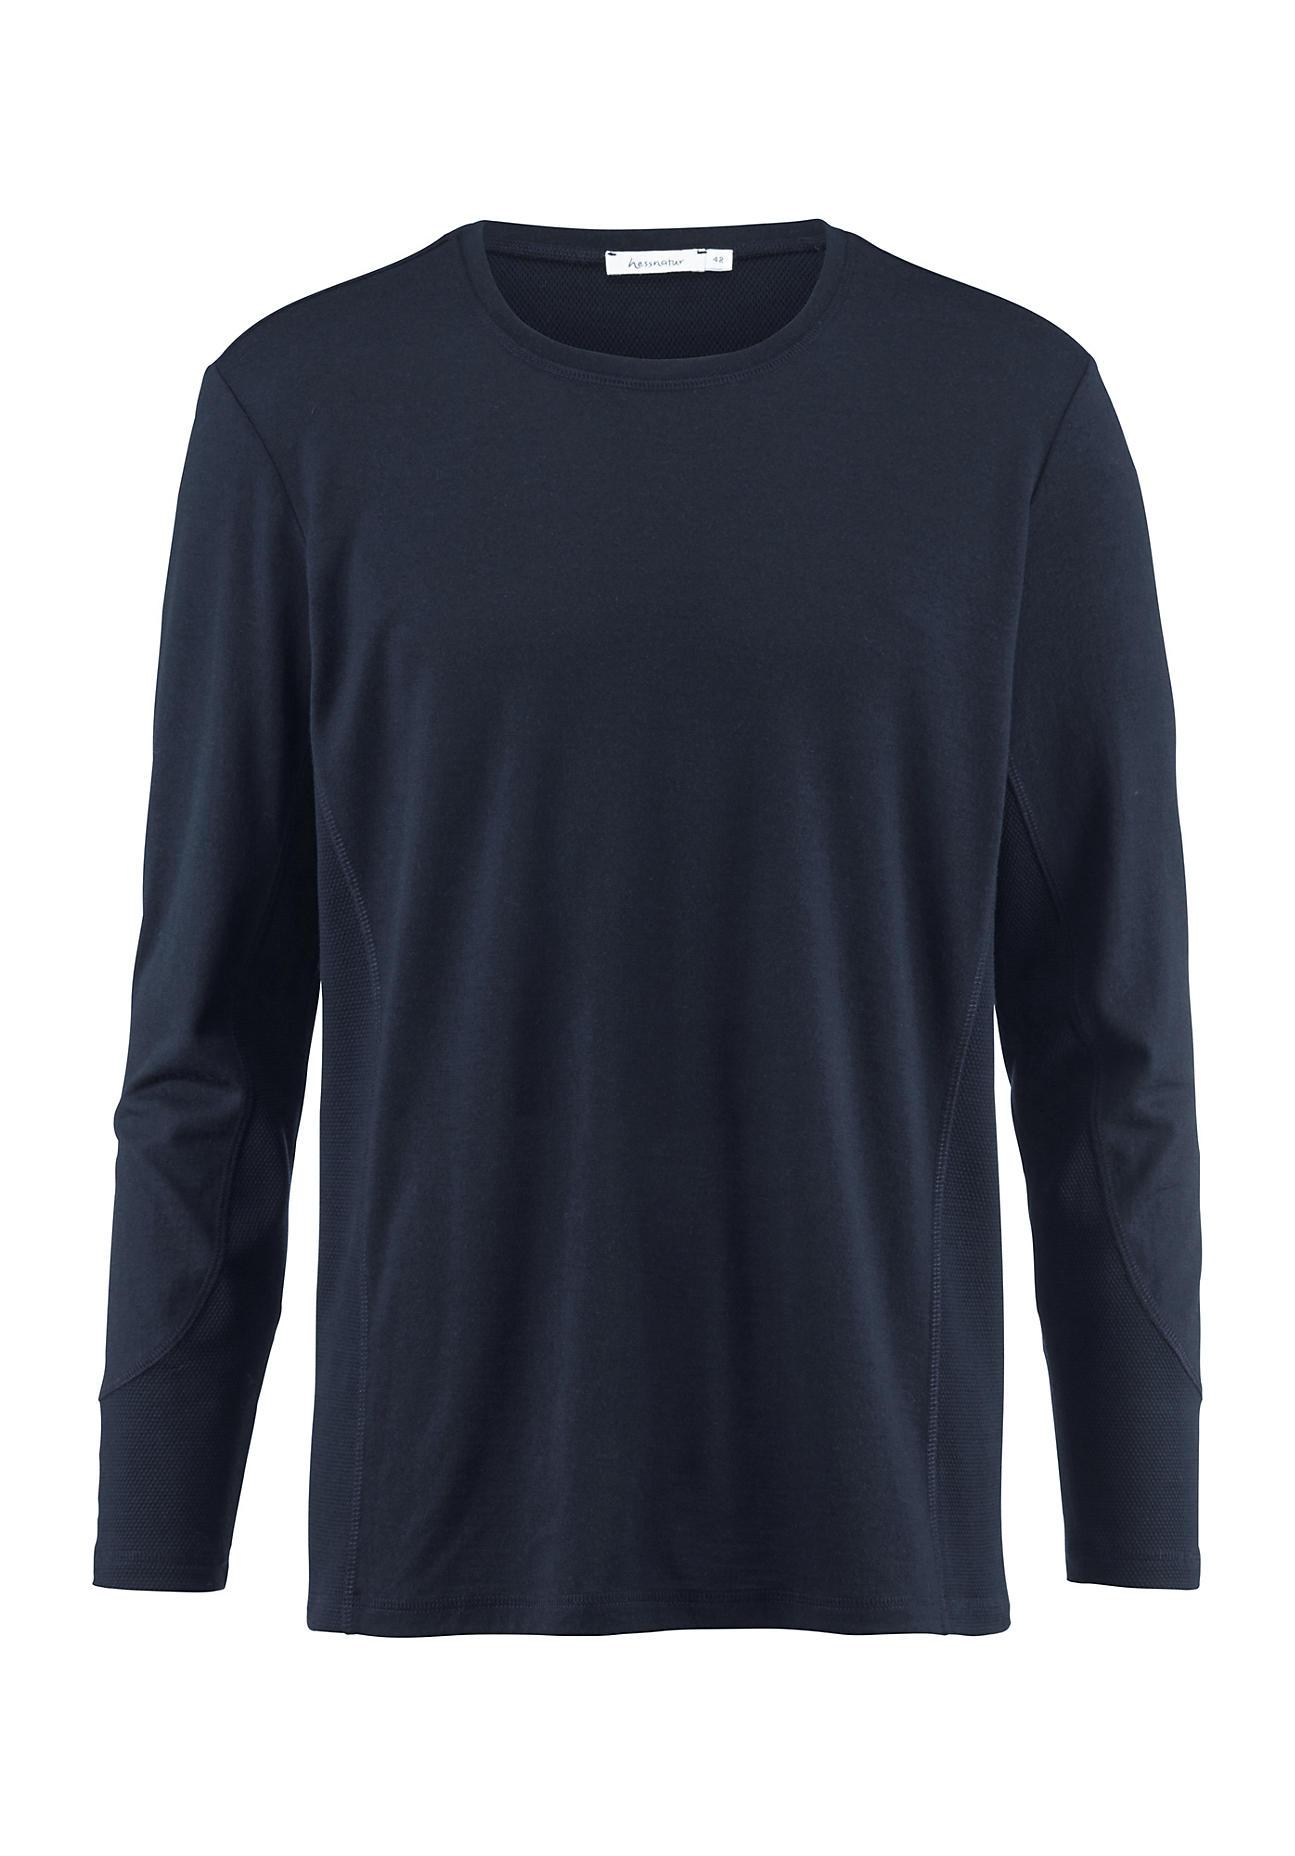 hessnatur Herren-Outdoor Herren Funktionsshirt aus Merinowolle – blau – Größe 56